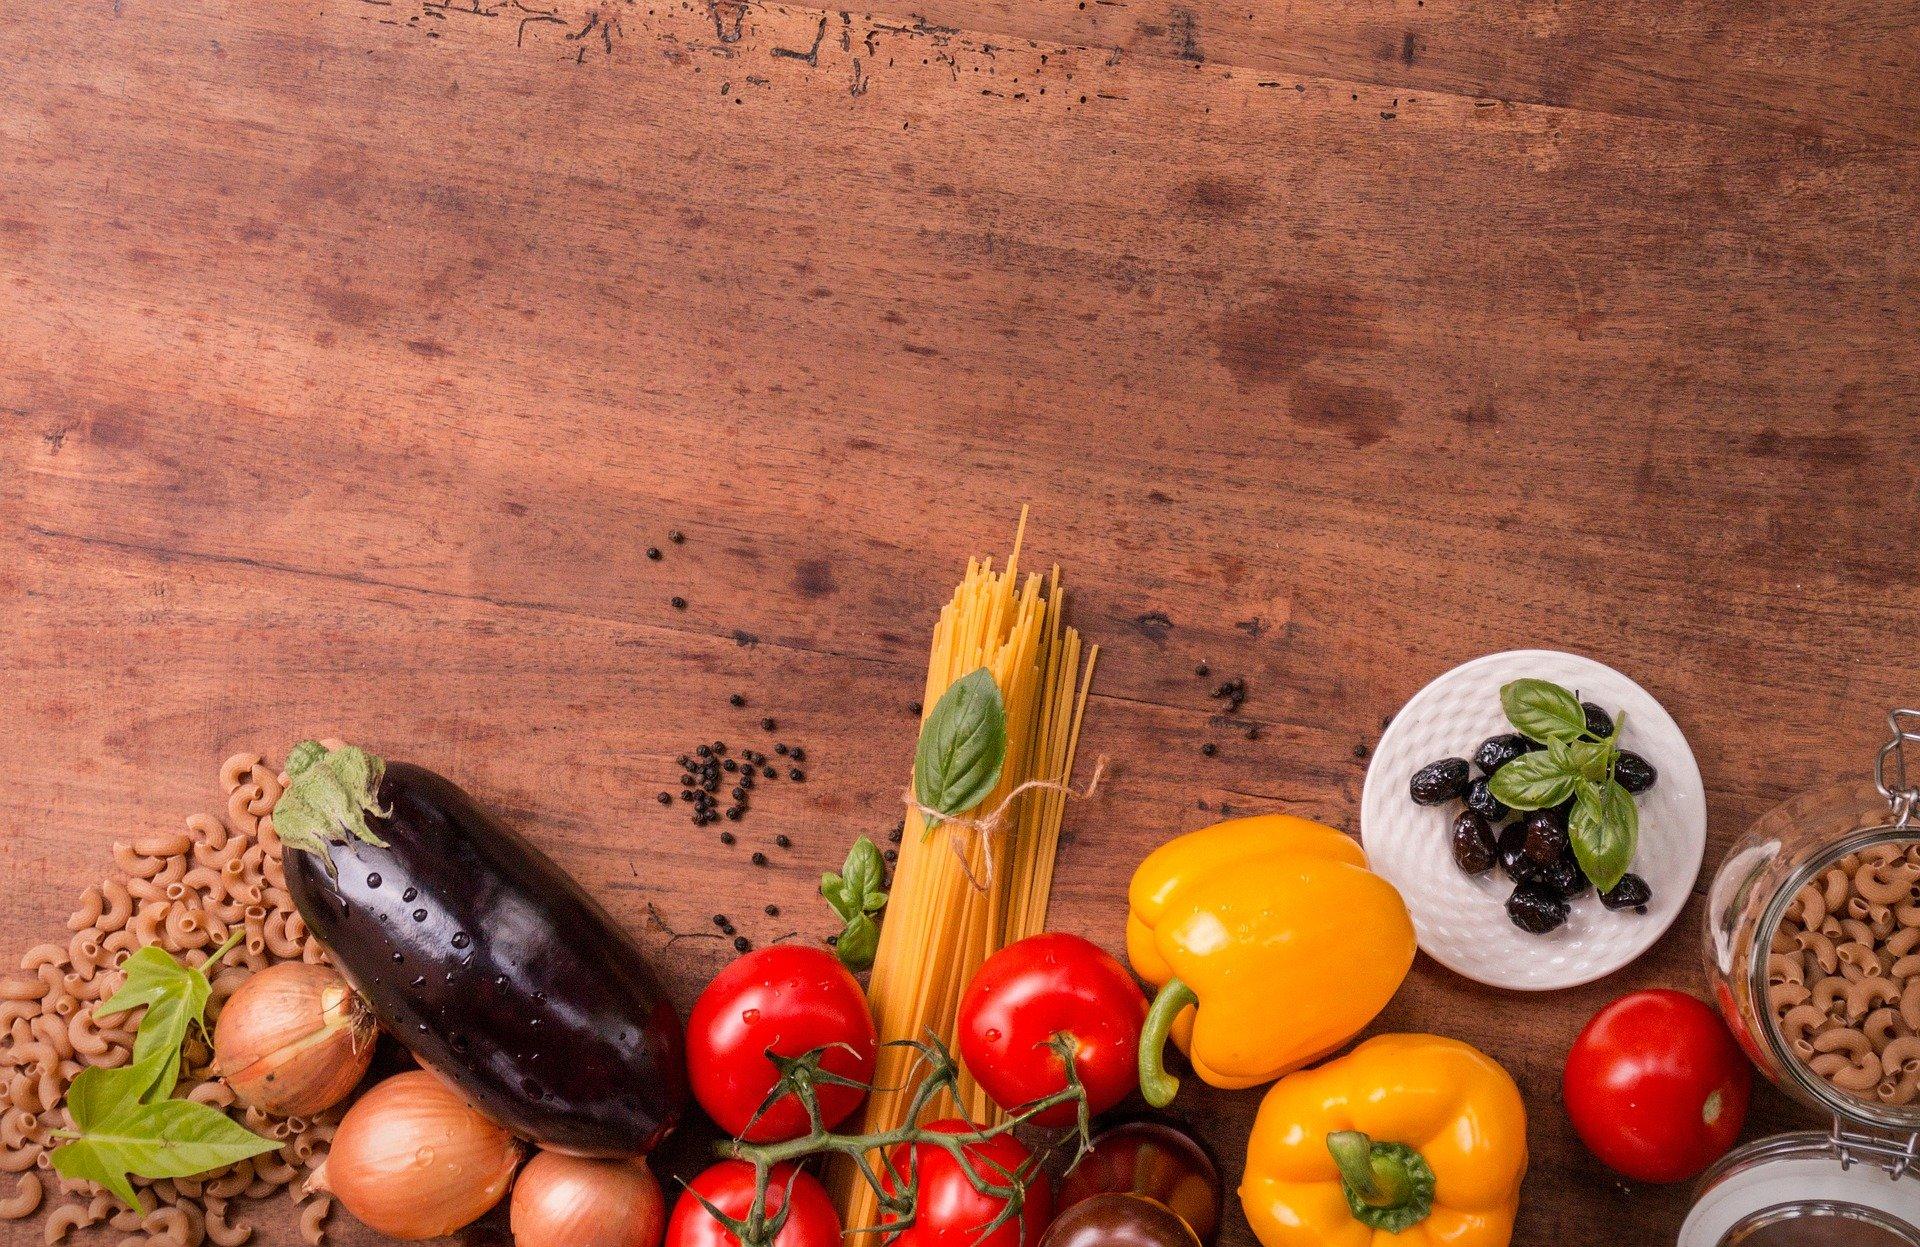 Le specie della tradizione mediterranea alimentari, medicinali e tossiche, e le specie per la fitodepurazione come risorsa per l'uomo e l'ambiente